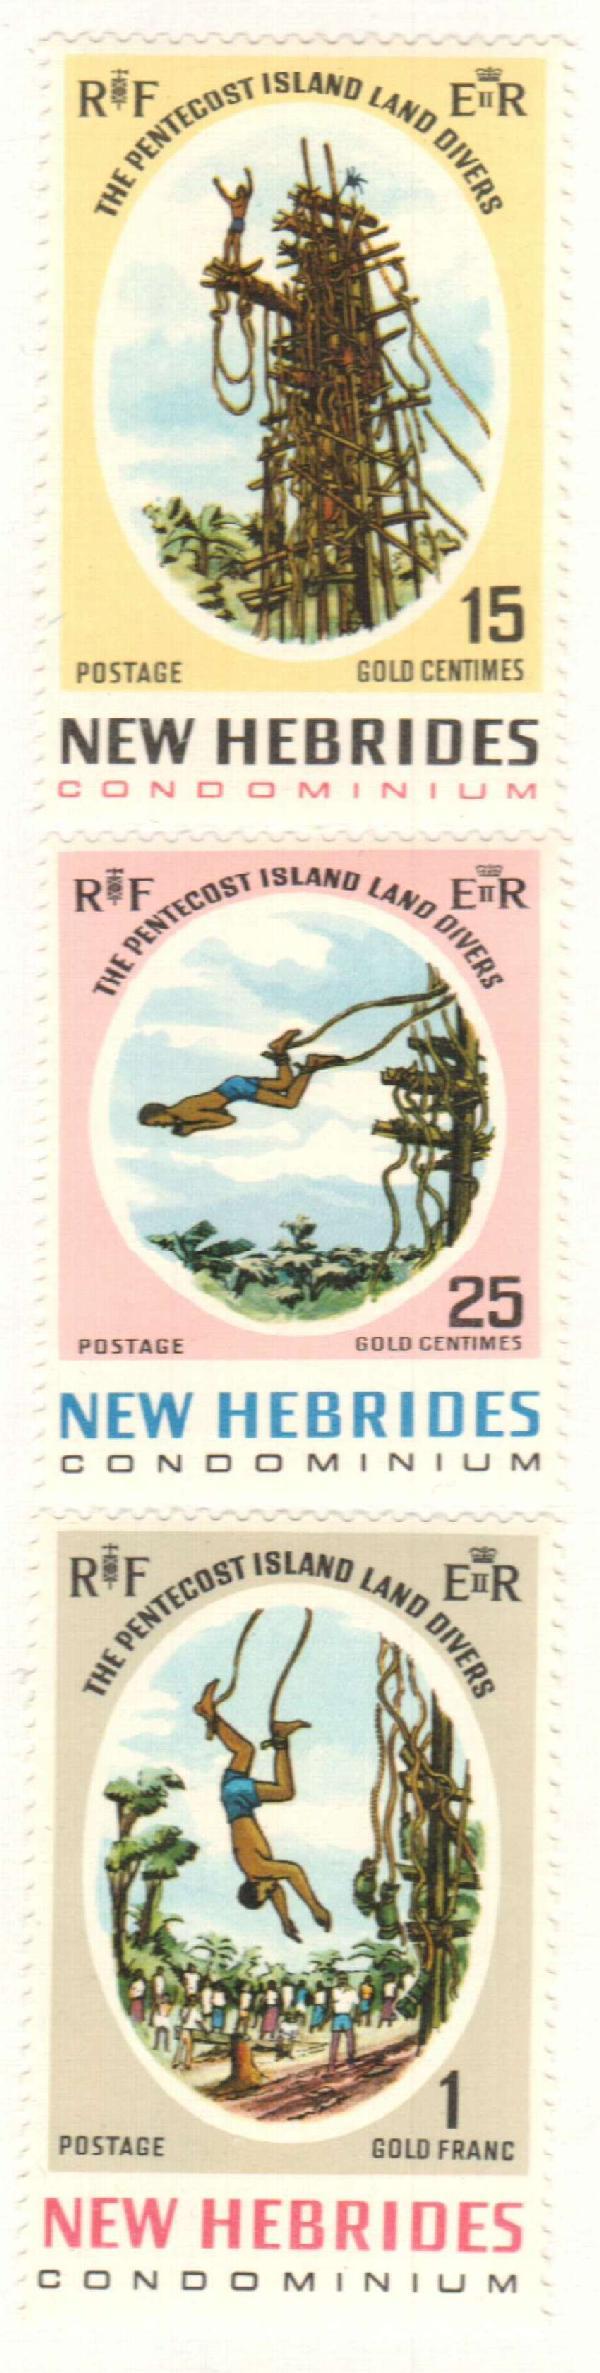 1969 New Hebrides, British